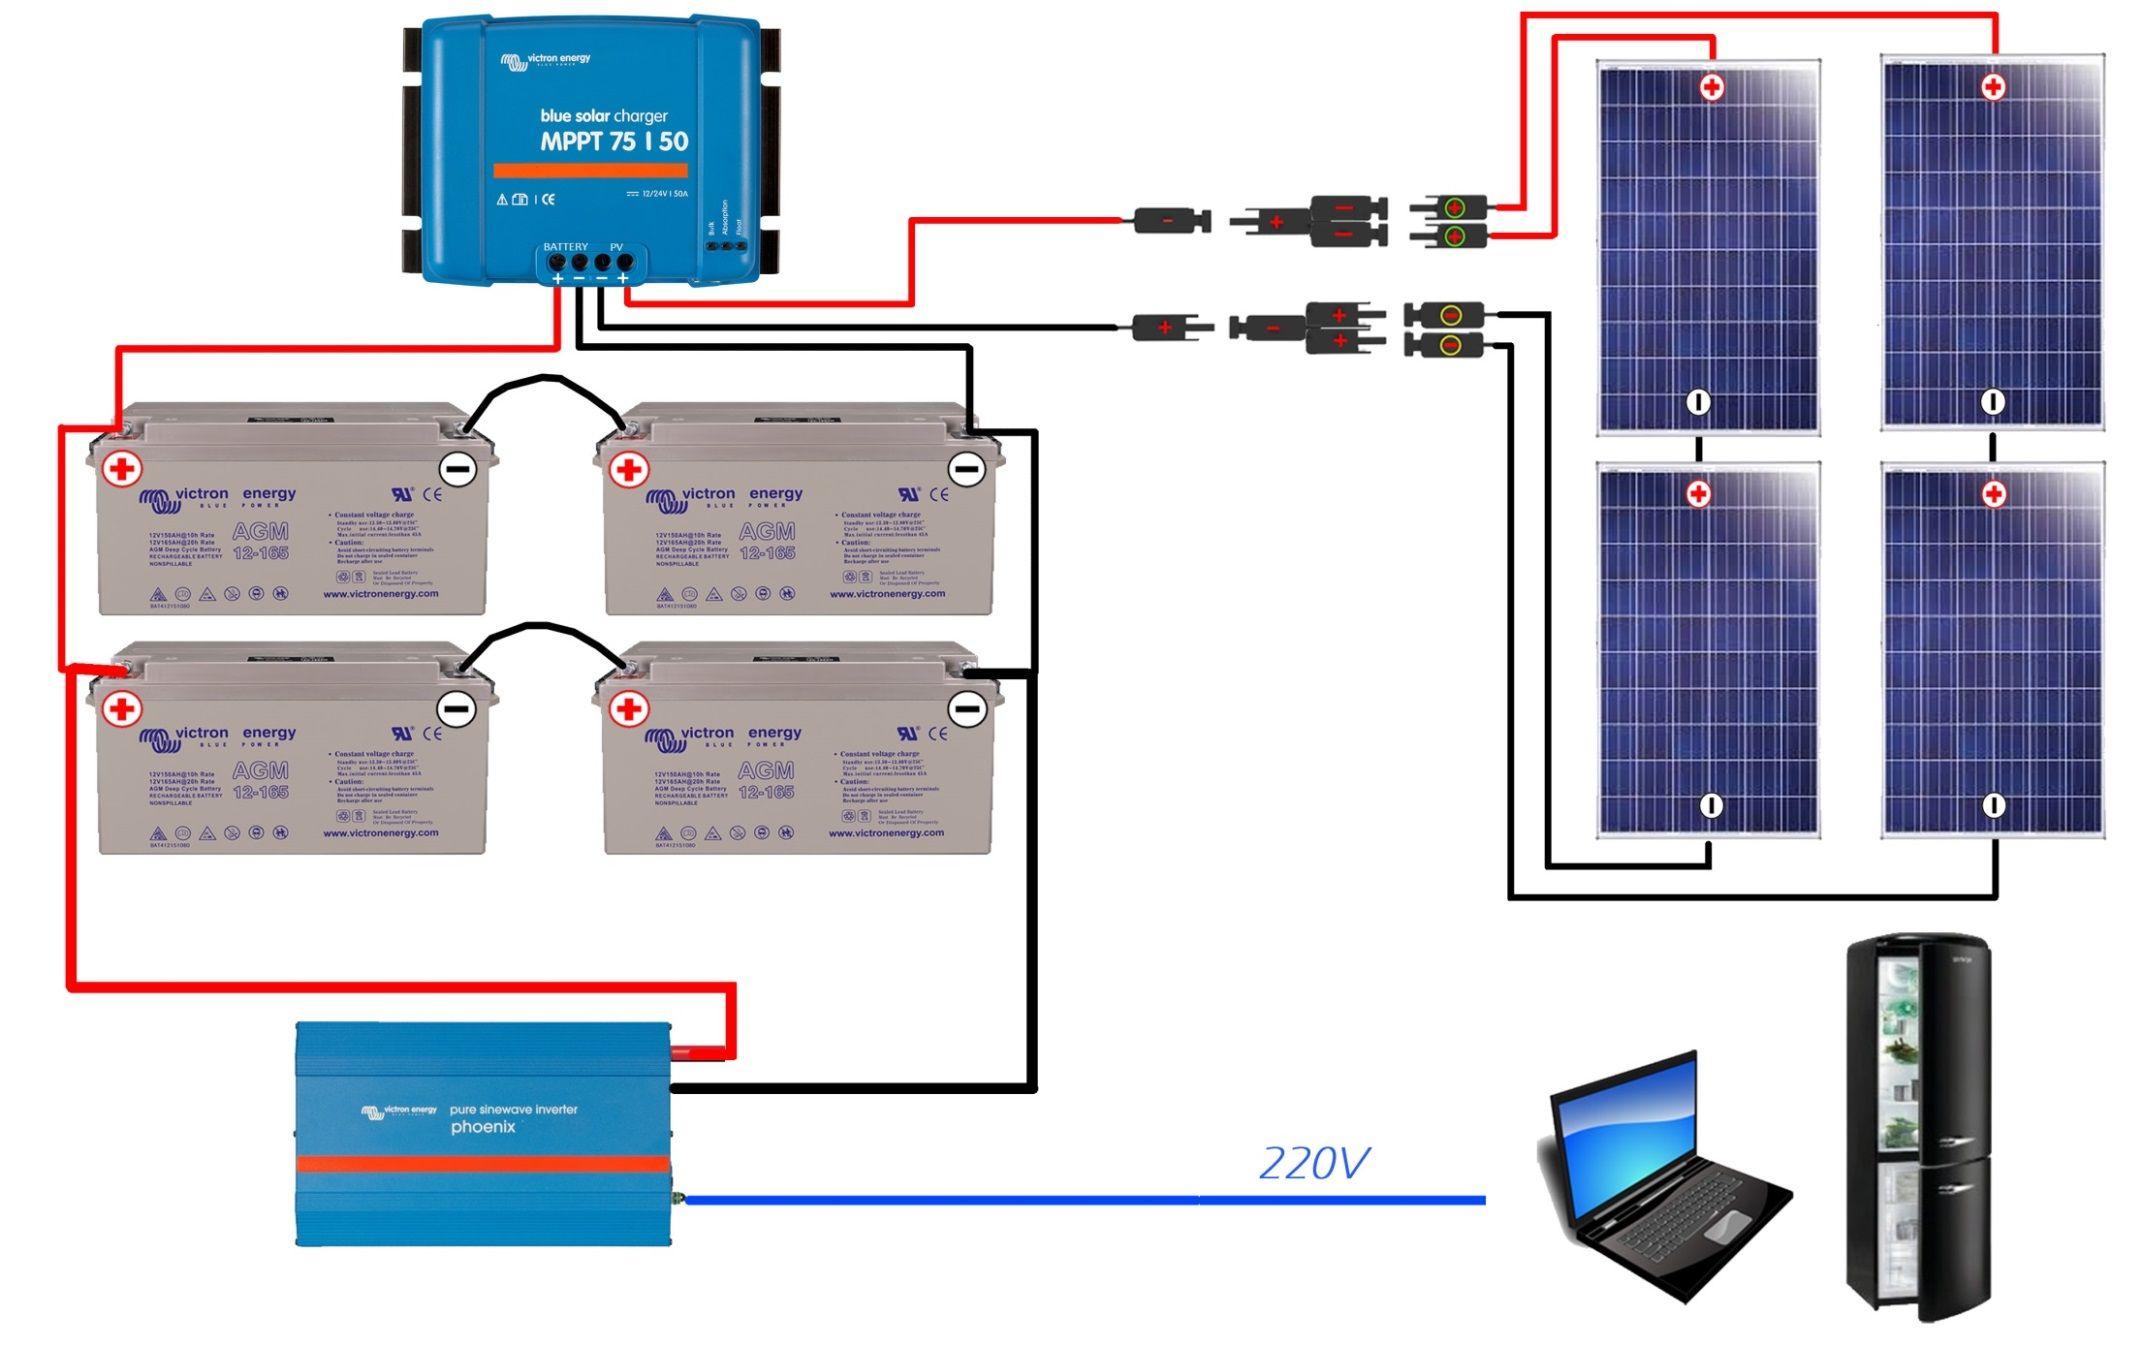 Guide de montage kit solaire autonome 24v 1000w - Kit solaire autonome 1000w ...